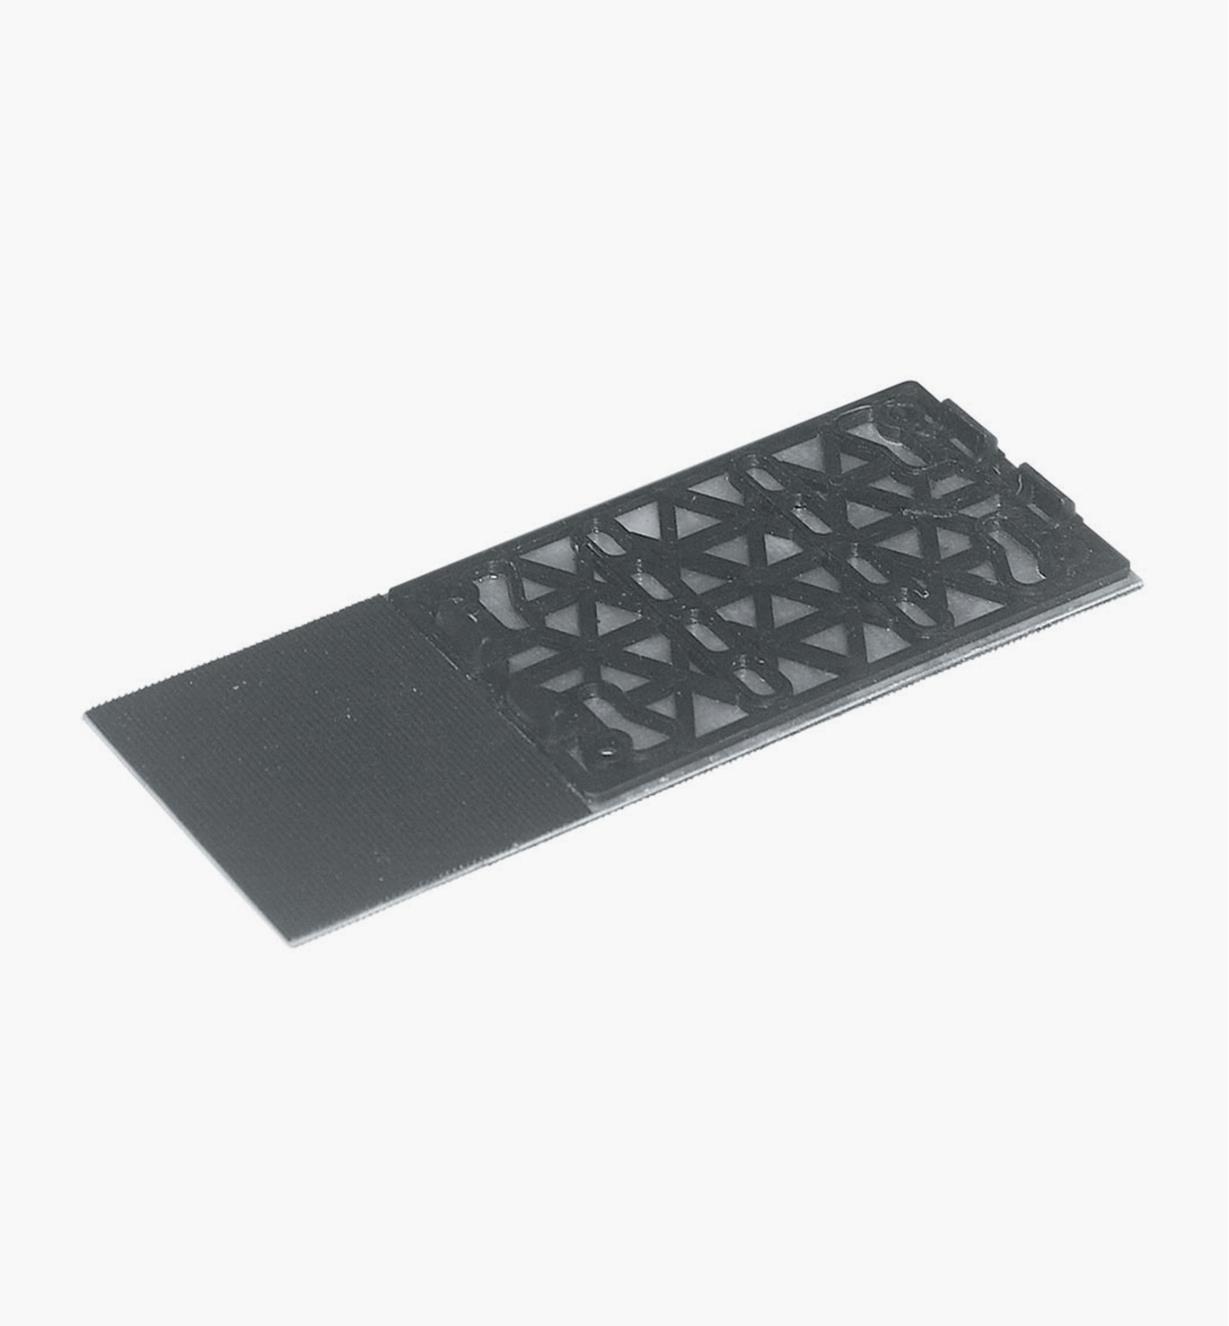 ZA491861 - Flat Sanding Pad – Long